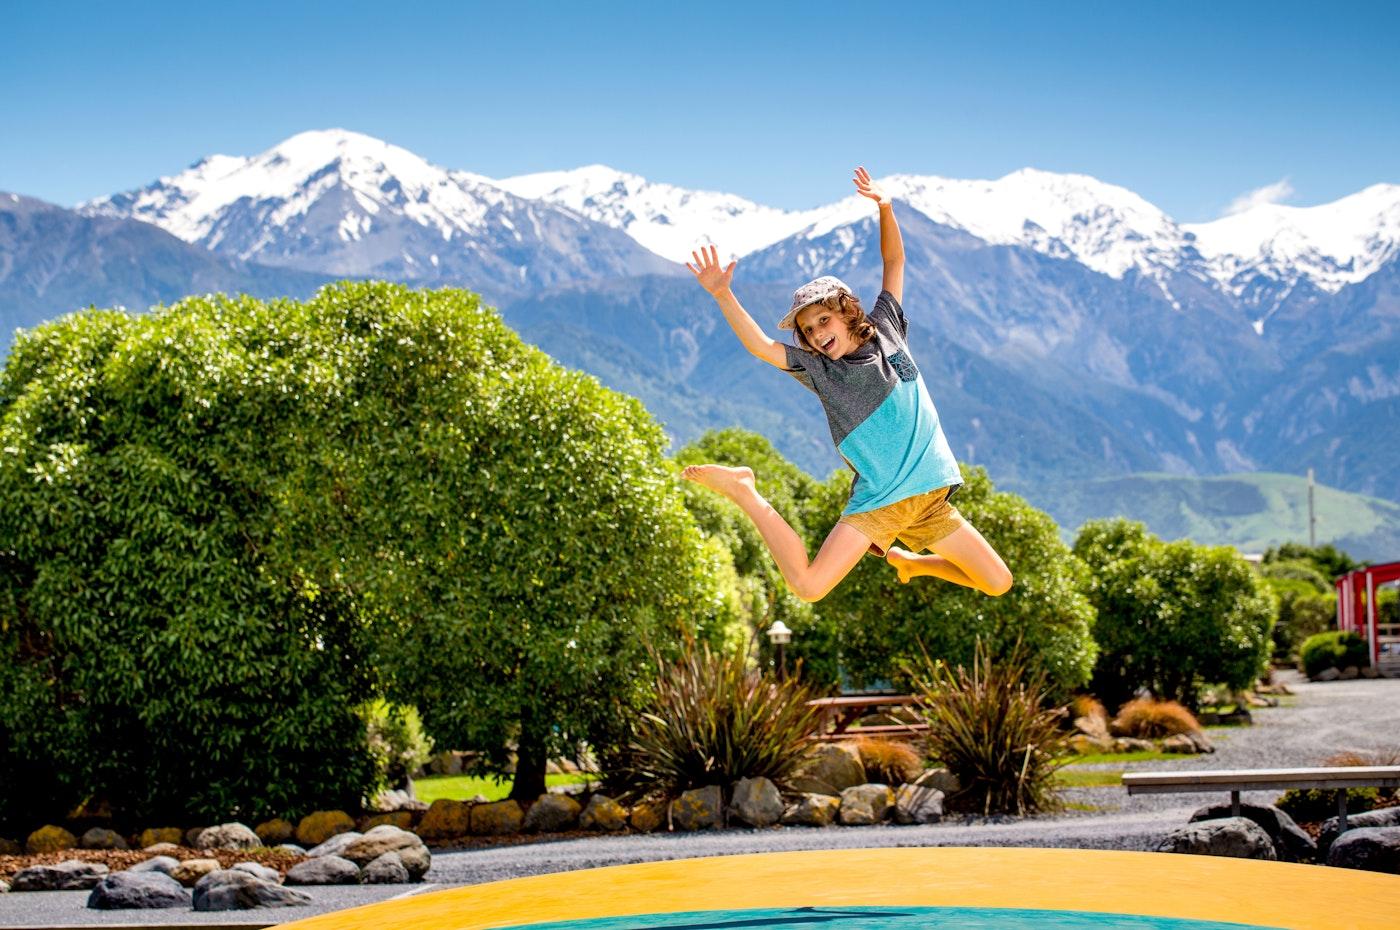 kaikoura holiday park jumping pillow